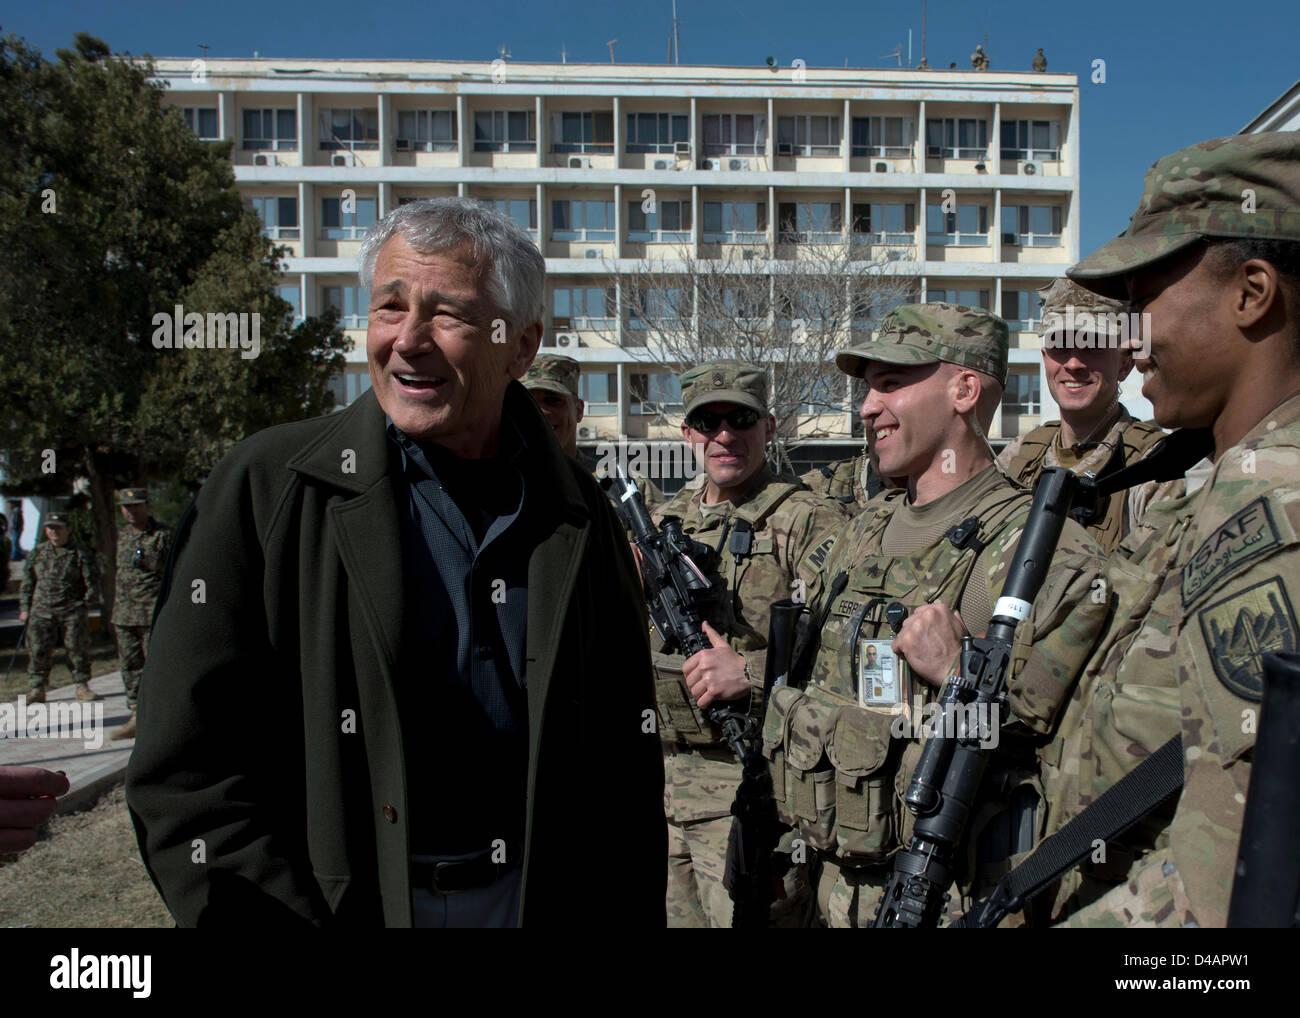 El Secretario de Defensa de EE.UU Chuck Hagel habla con los soldados americanos durante una visita al Centro de Imagen De Stock